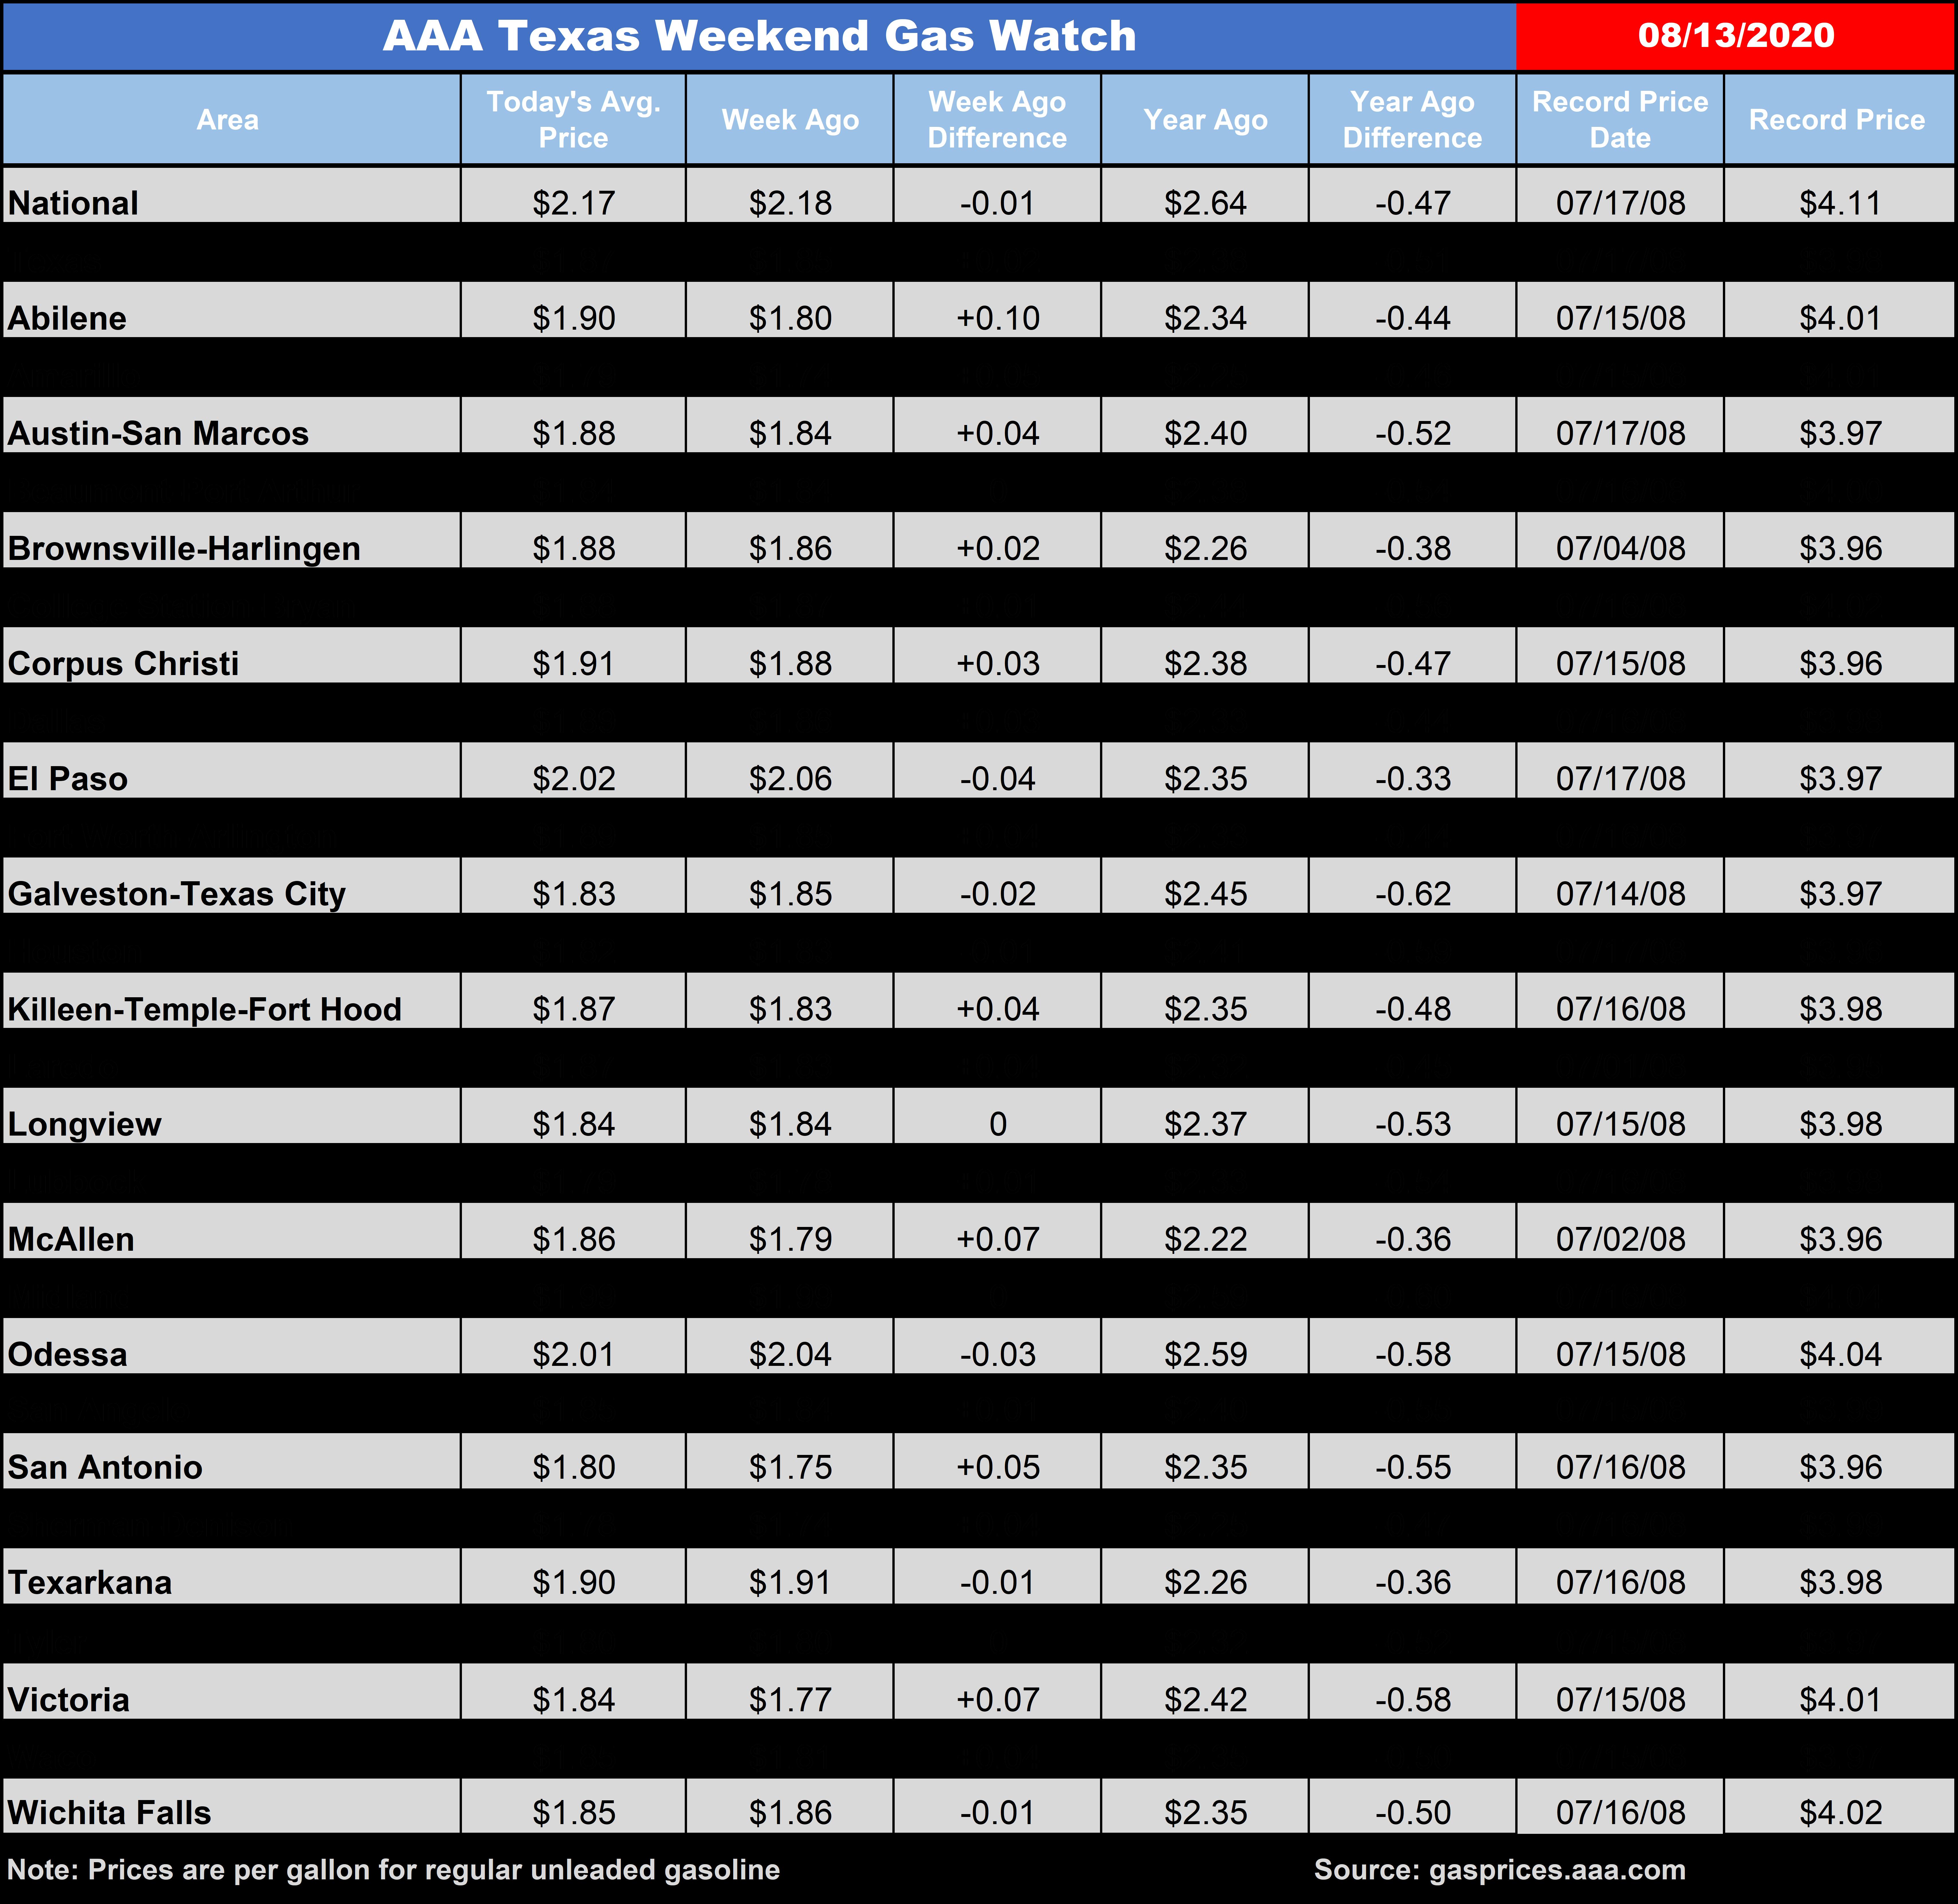 TX WGW Chart 08 13 20